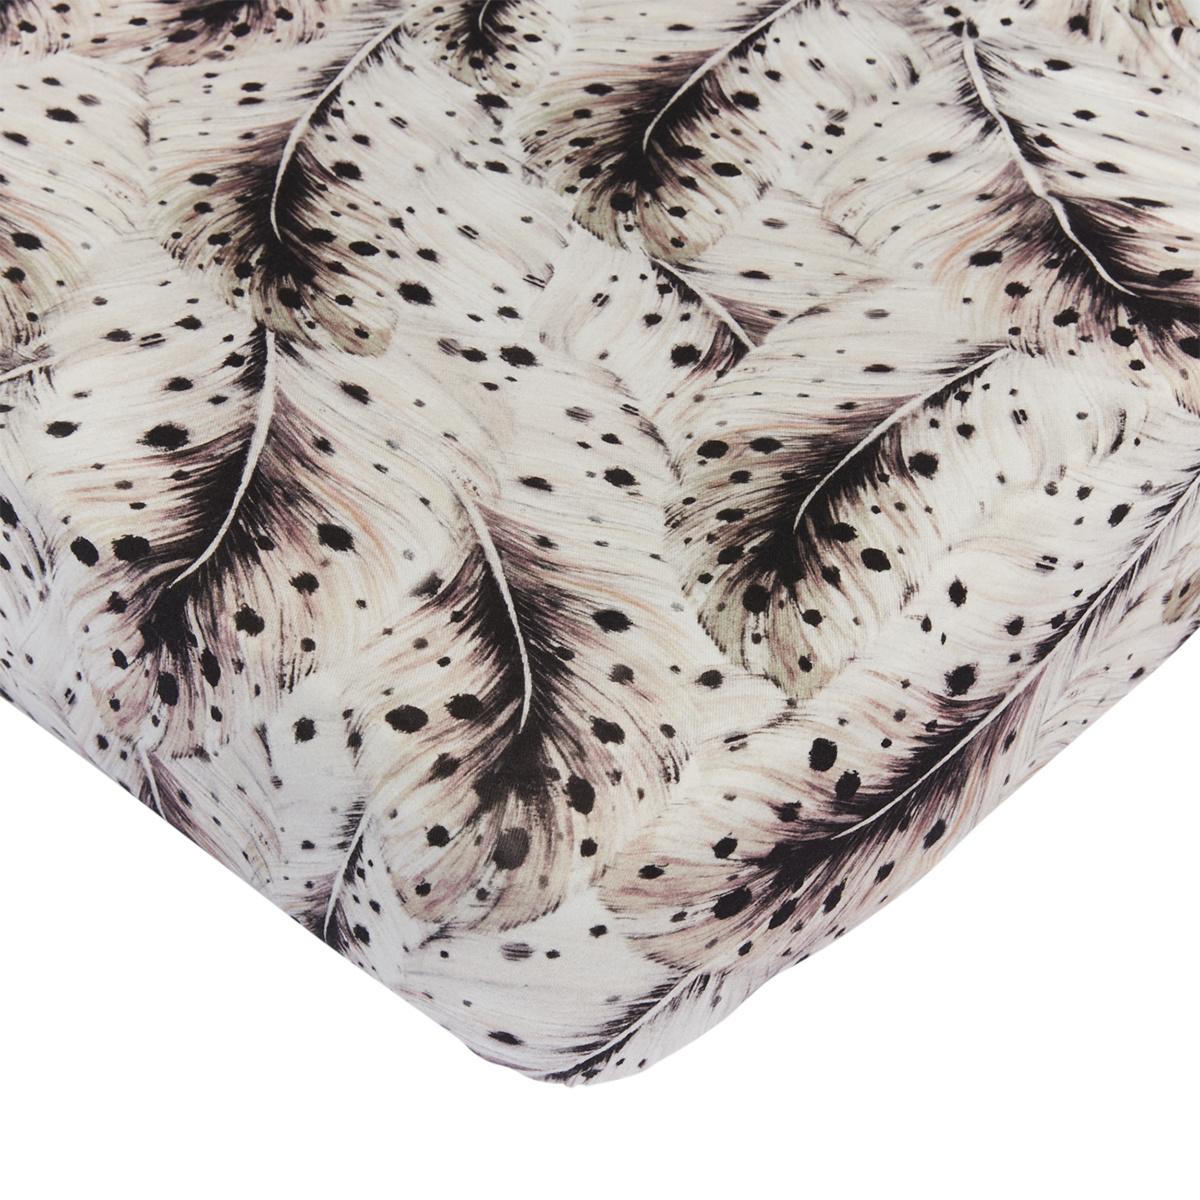 Mies & Co ledikant hoeslaken feathers-1